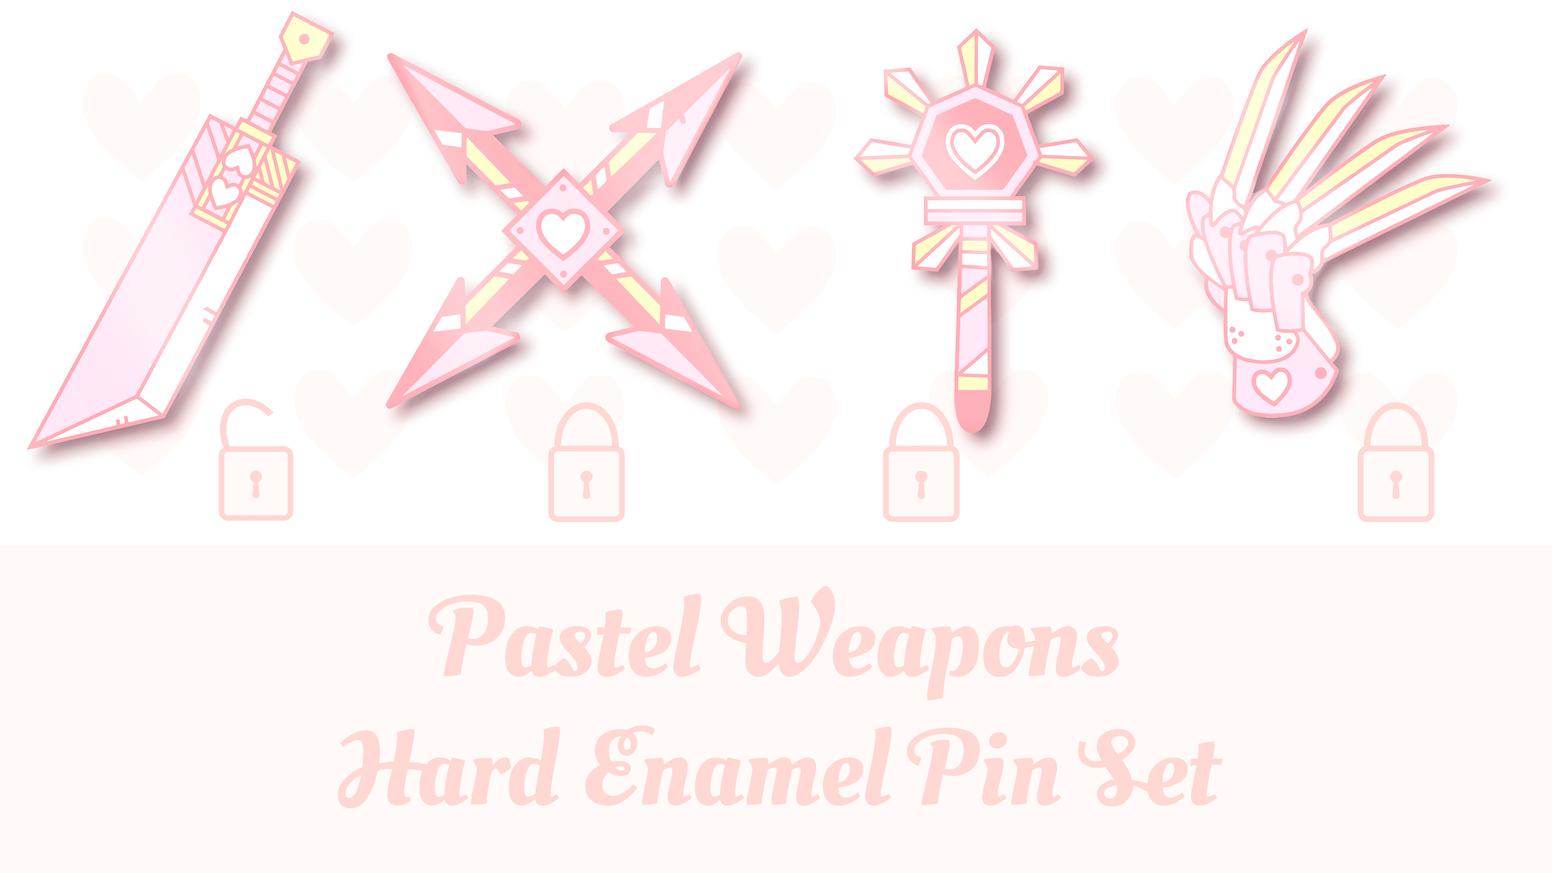 Kawaii Pastel Fantasy RPG Weapons: Hard Enamel Pin Set by